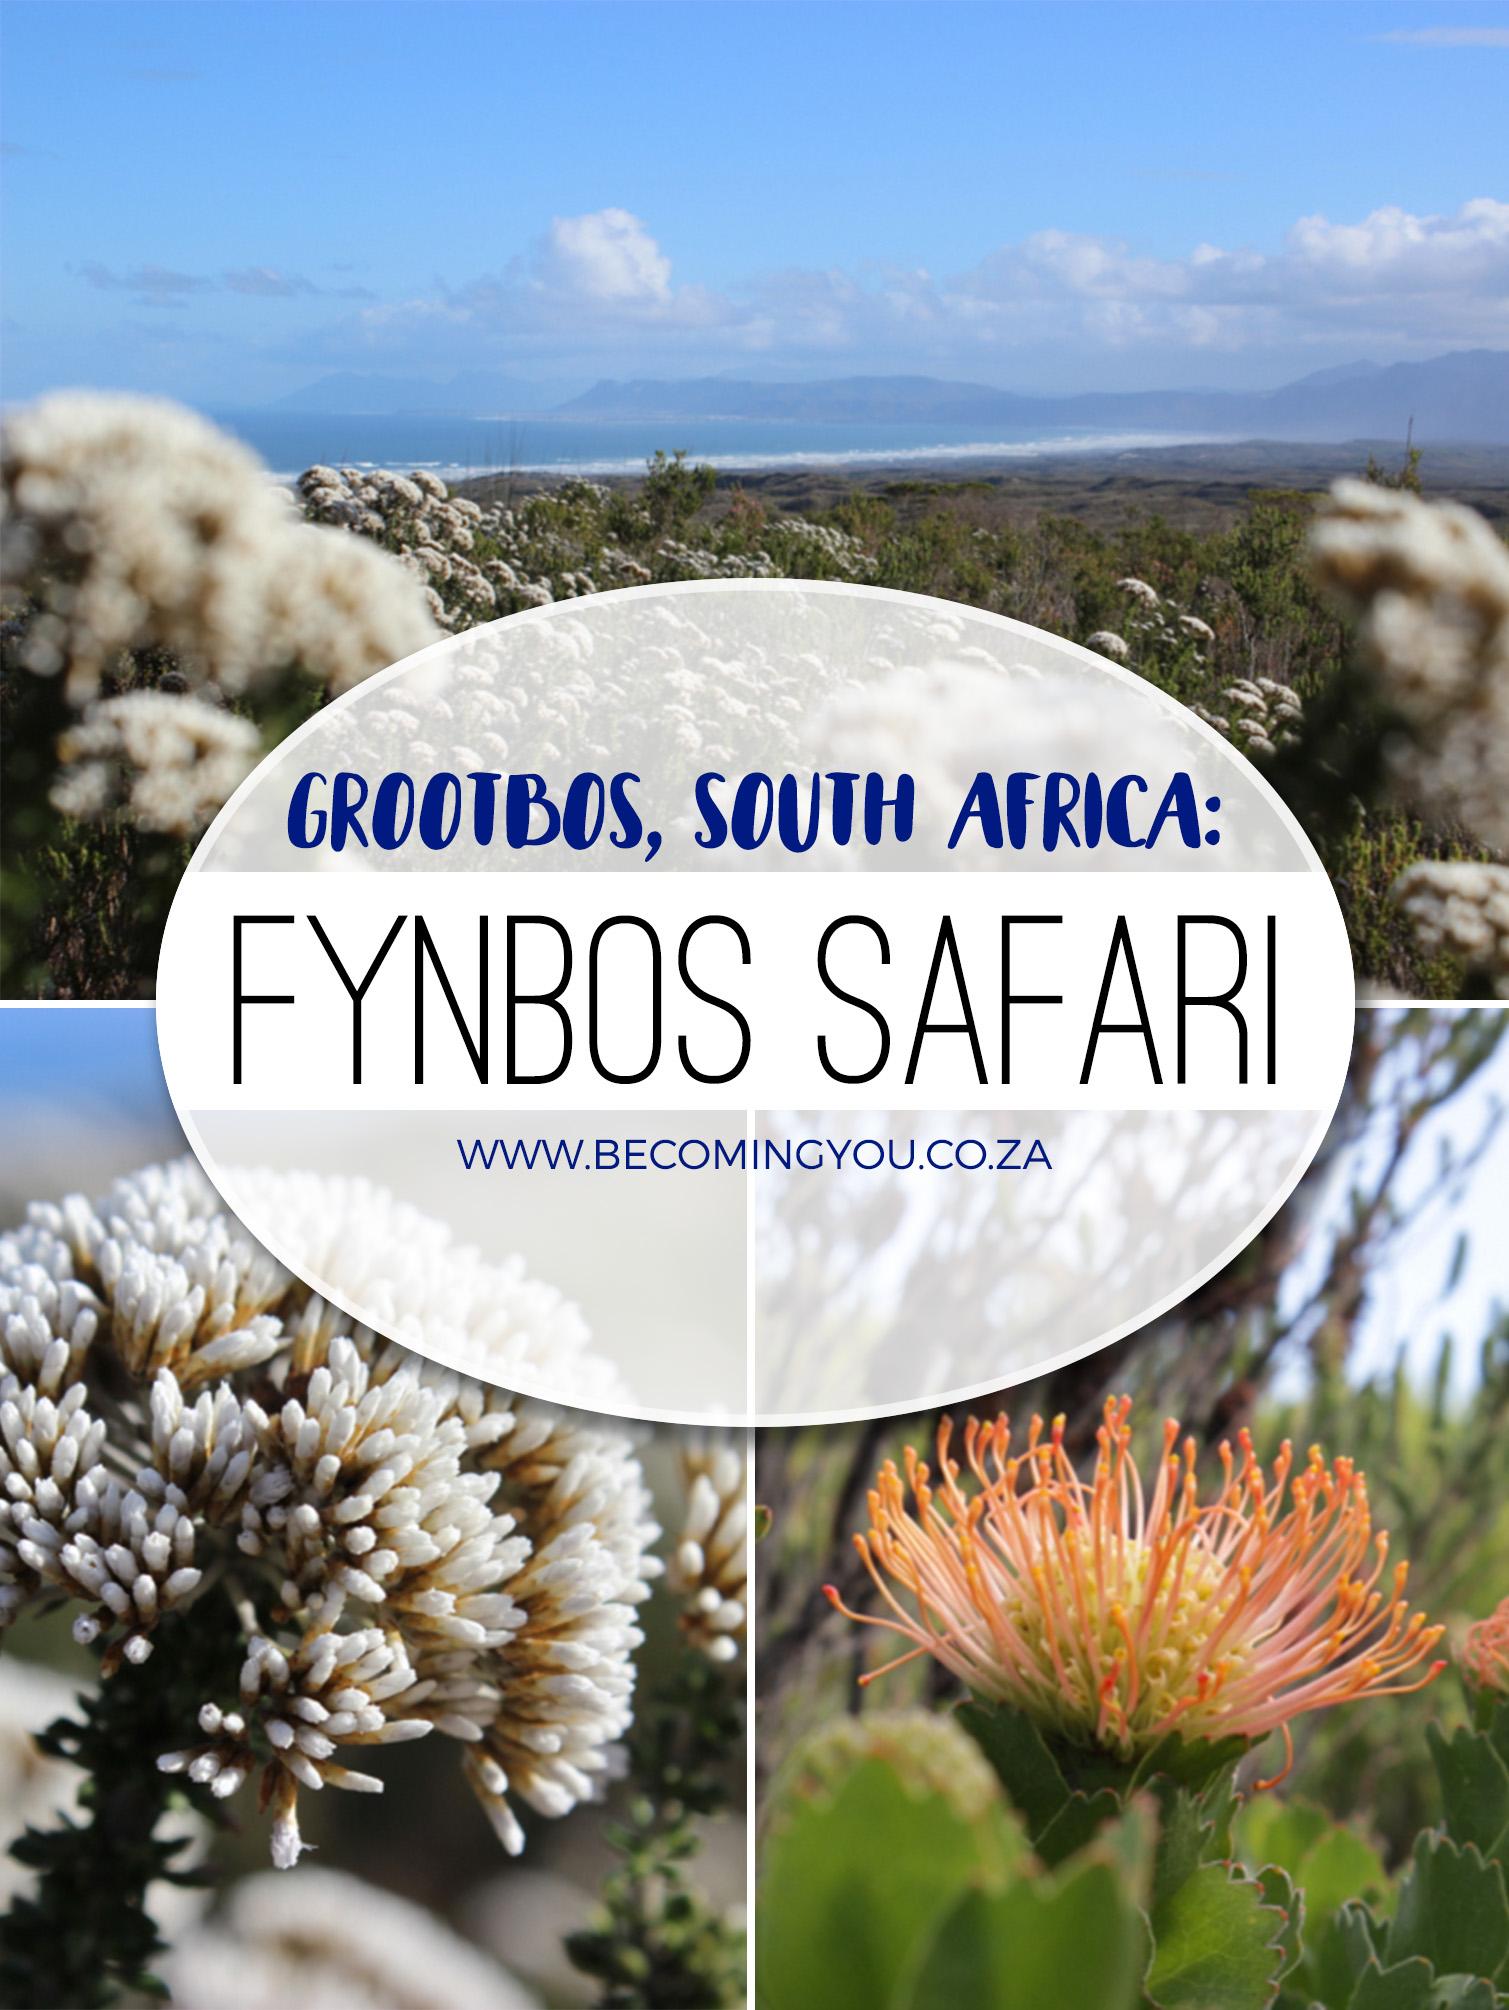 fynbos safari